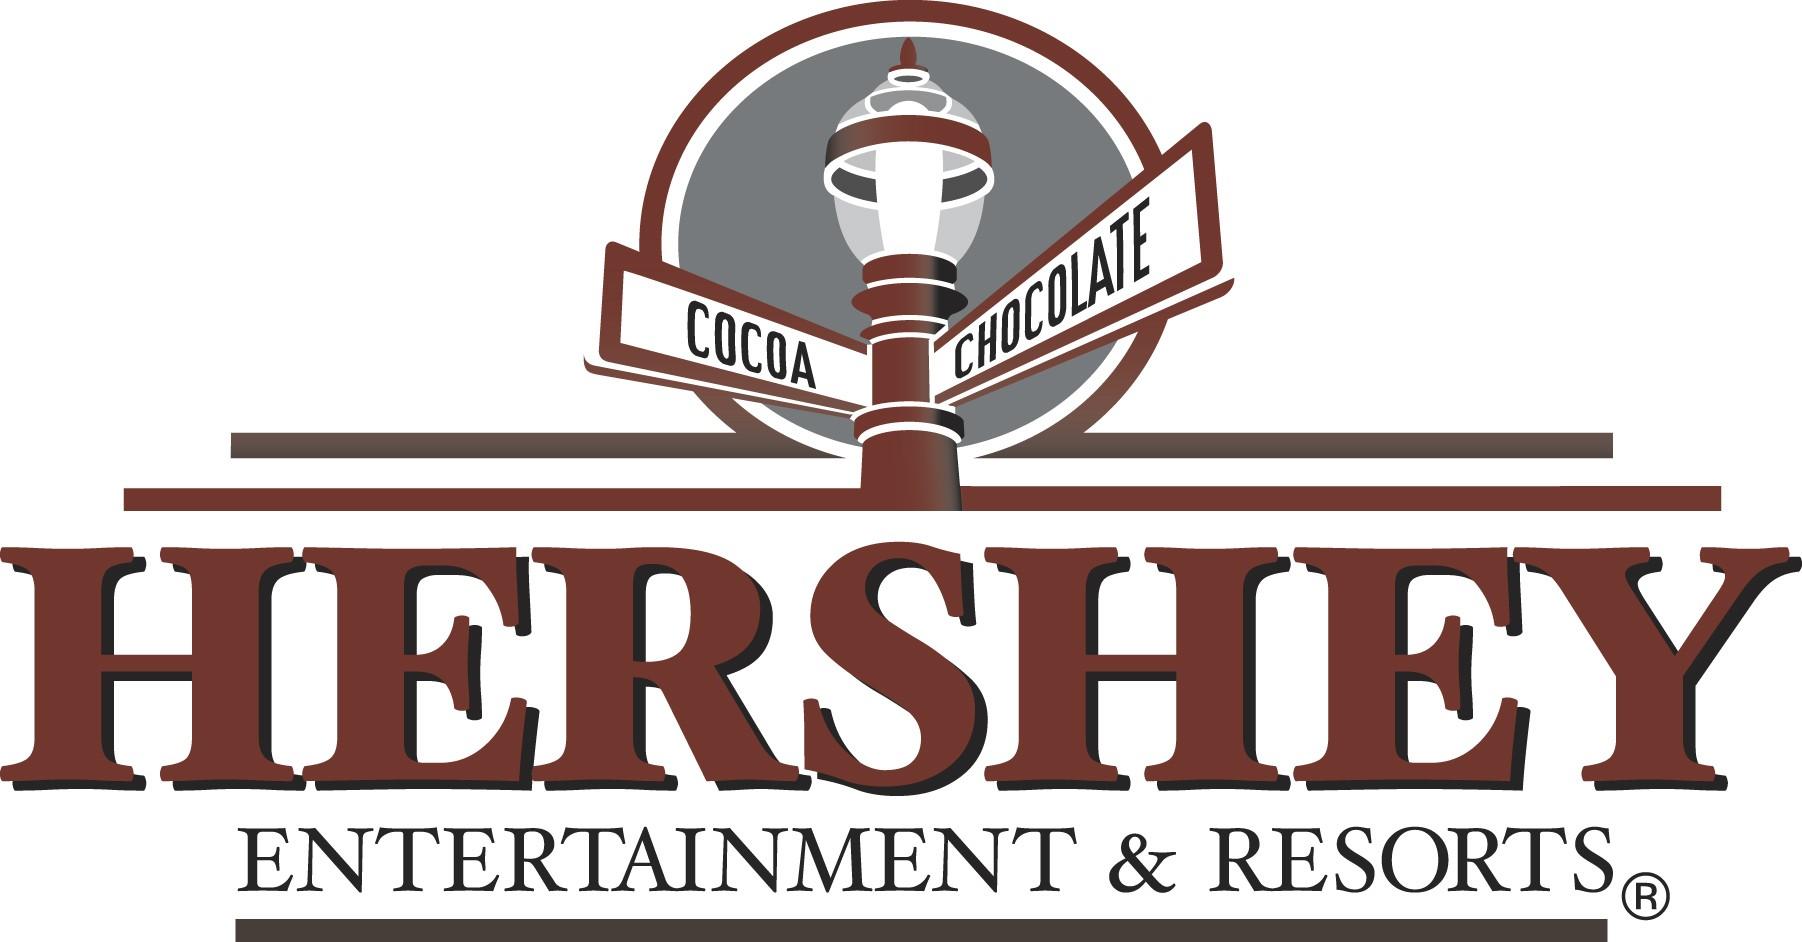 Hershey-Entertainment-Resorts.jpg